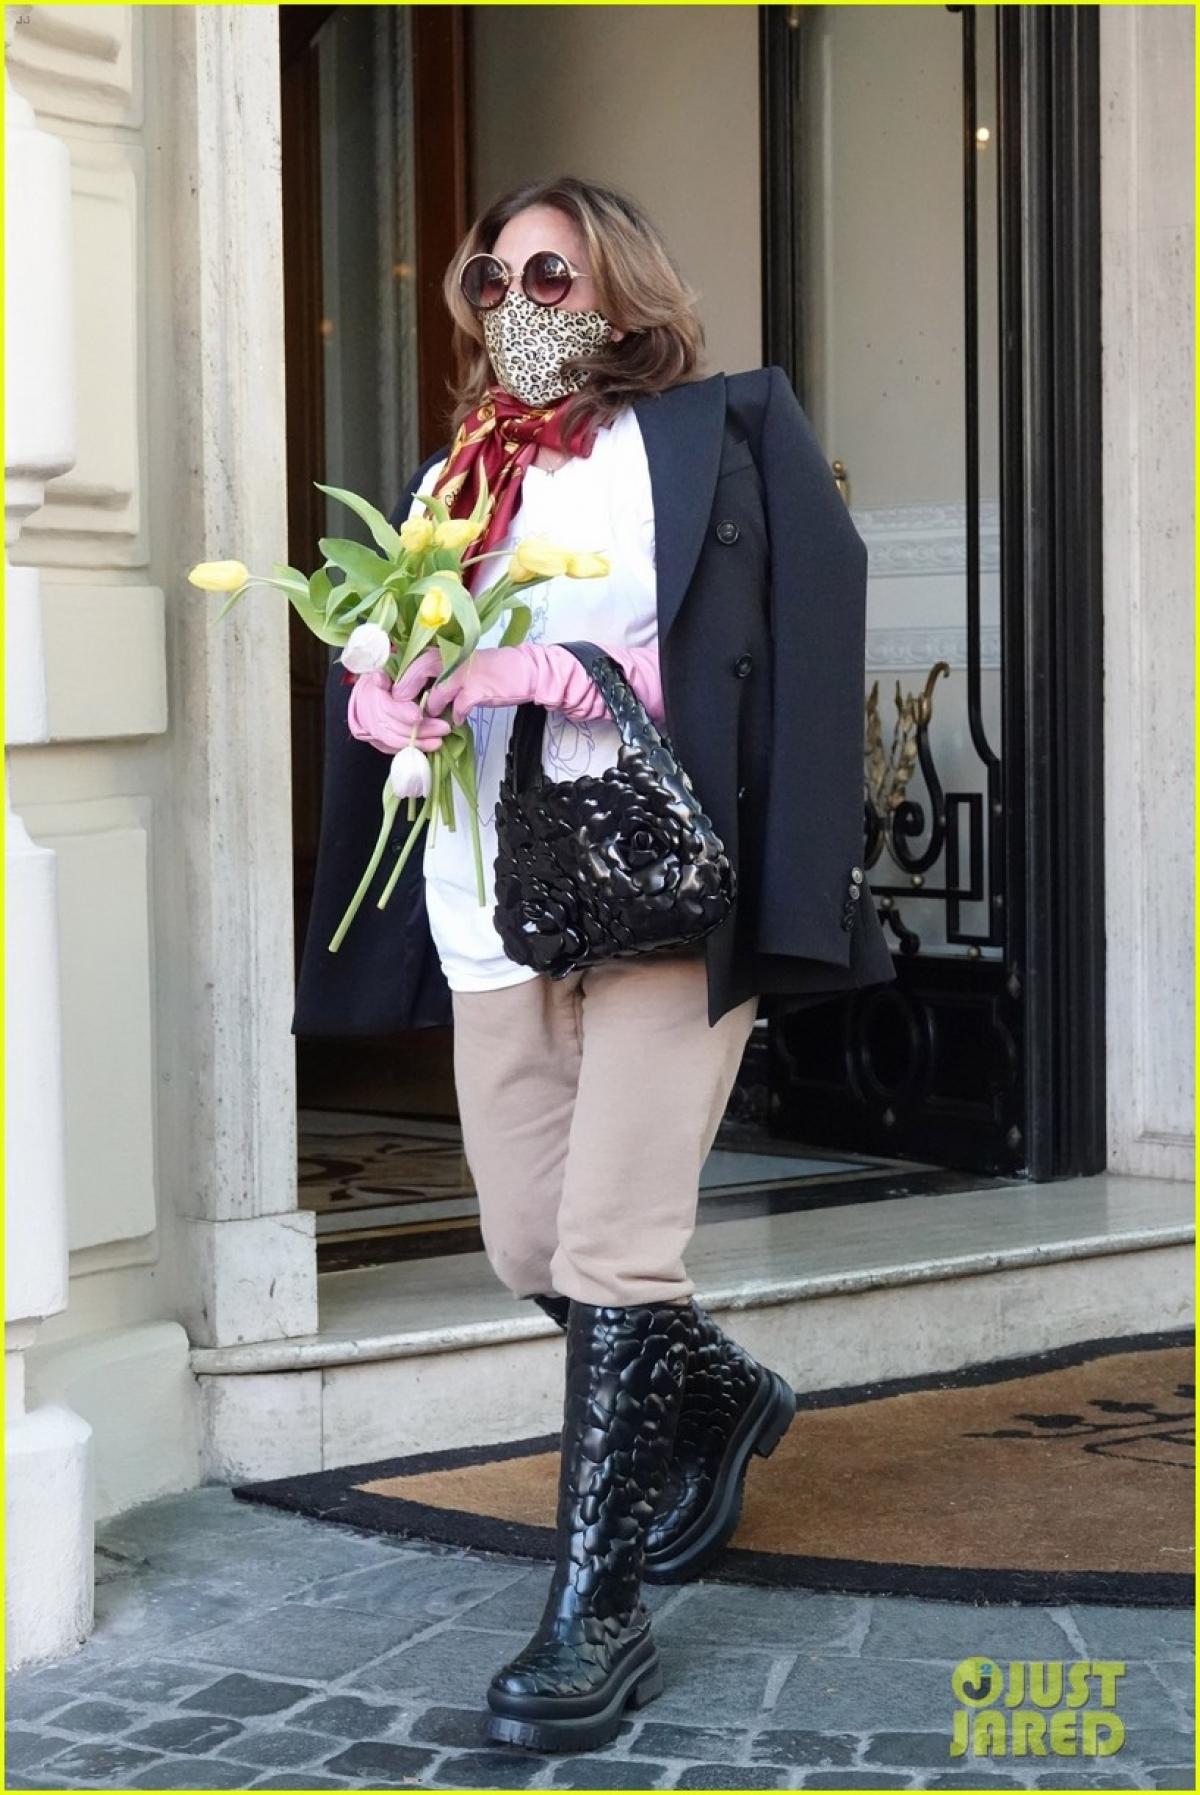 """""""House of Gucci"""" thuộc thể loại tiểu sử tội phạm, do Ridley Scott (84 tuổi) đạo diễn, dựa theo cuốn sách The House of Gucci: A Sensational Story of Murder, Madness, Glamour and Greedcủa tác giả Sara Gay Forden, xuất bản năm 2001."""